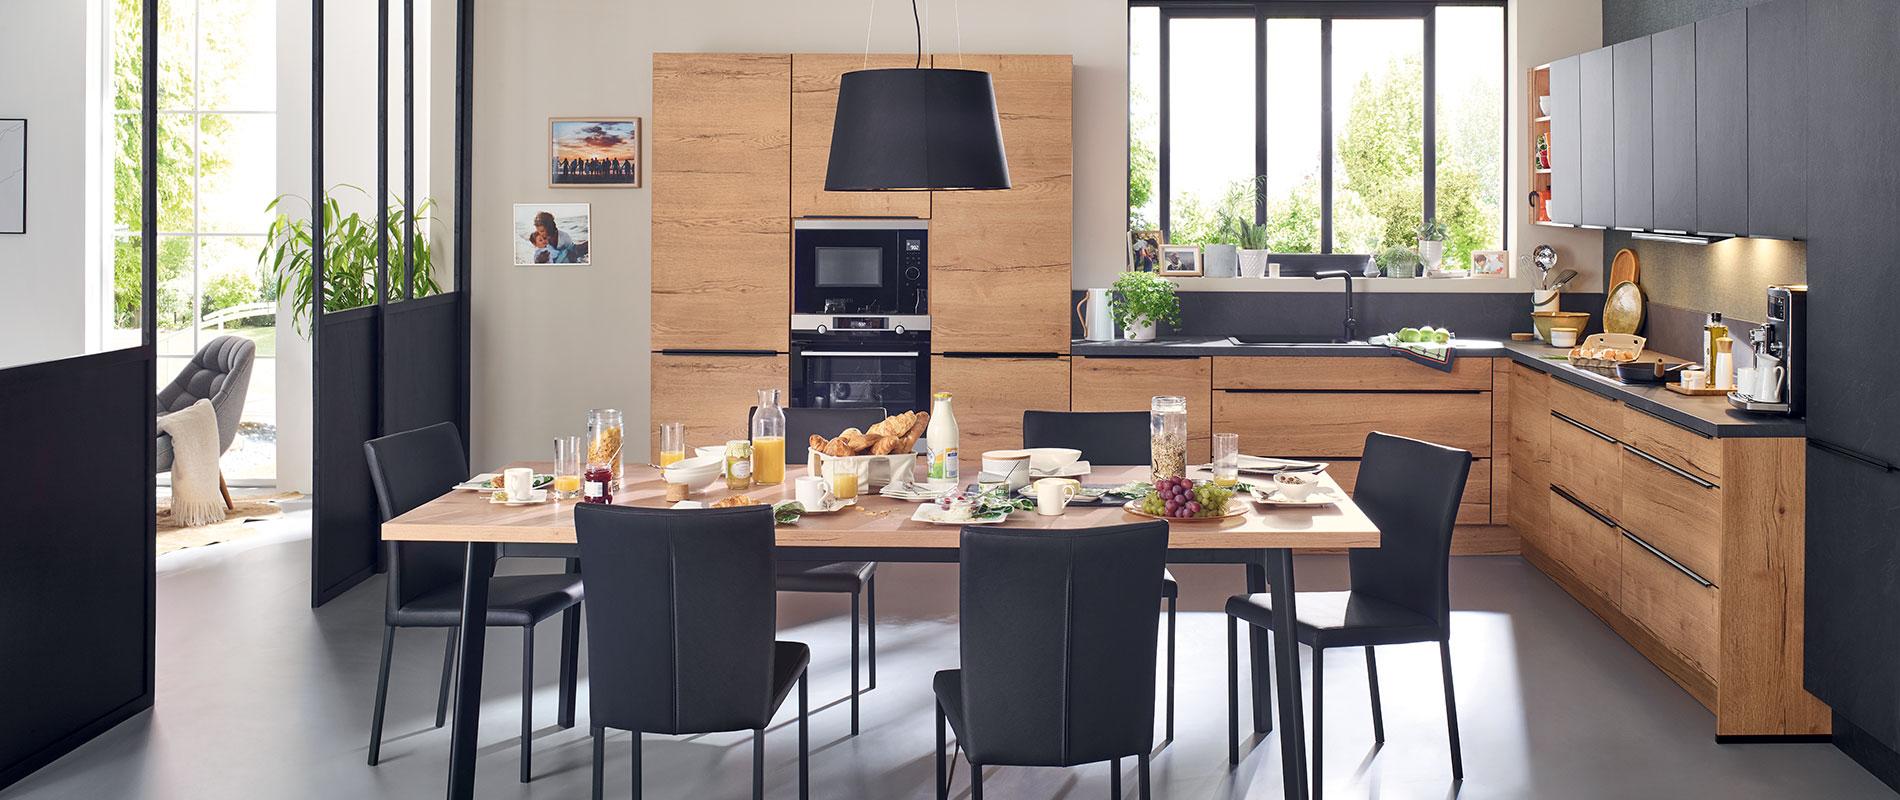 Cuisines équipées, cuisines sur mesure & rangements   Ixina France